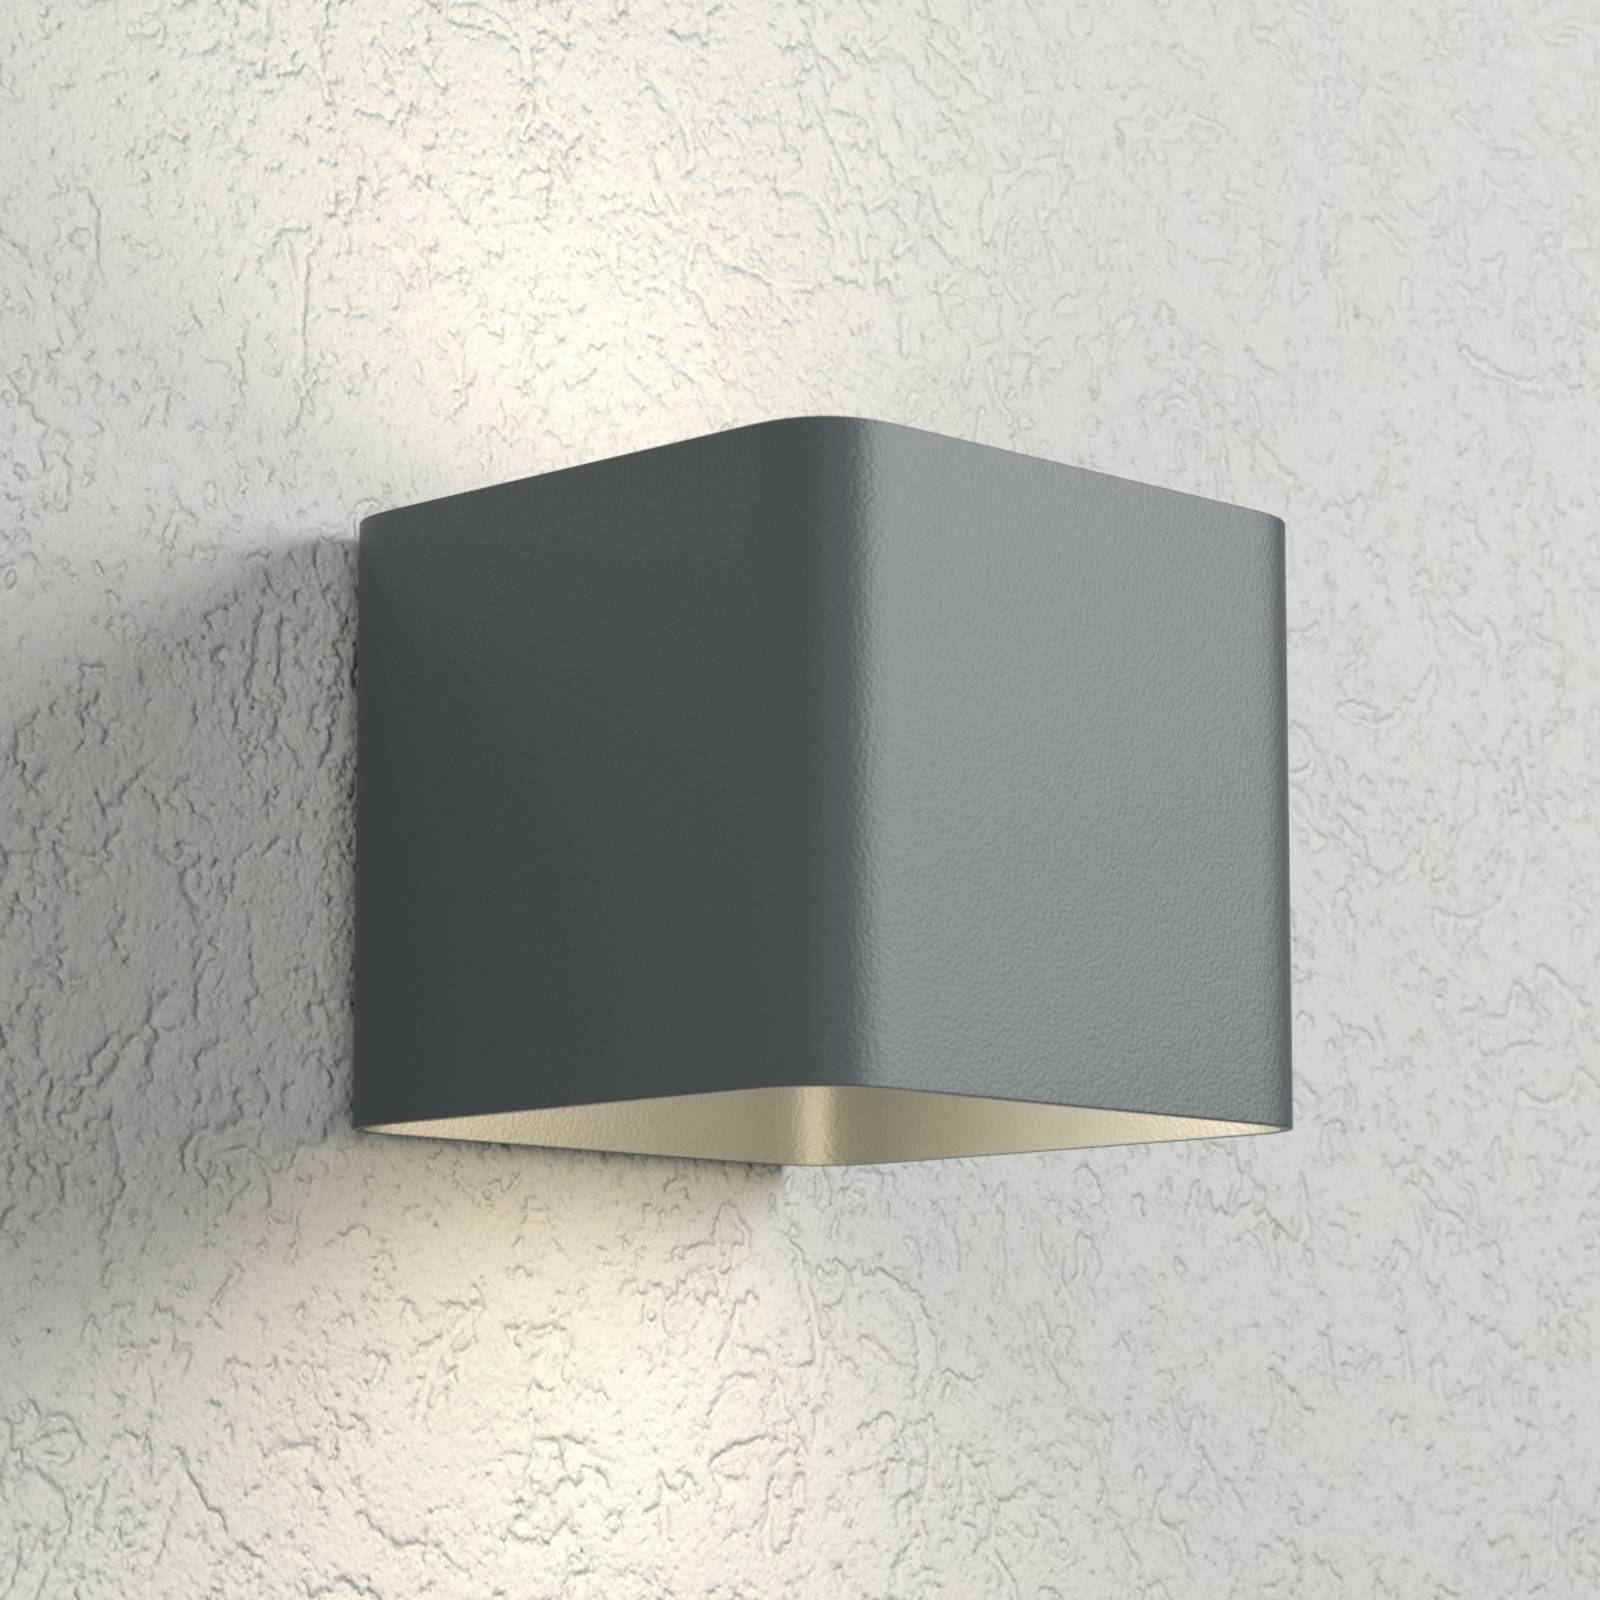 Antrasittfarget LED-vegglampe Dodd